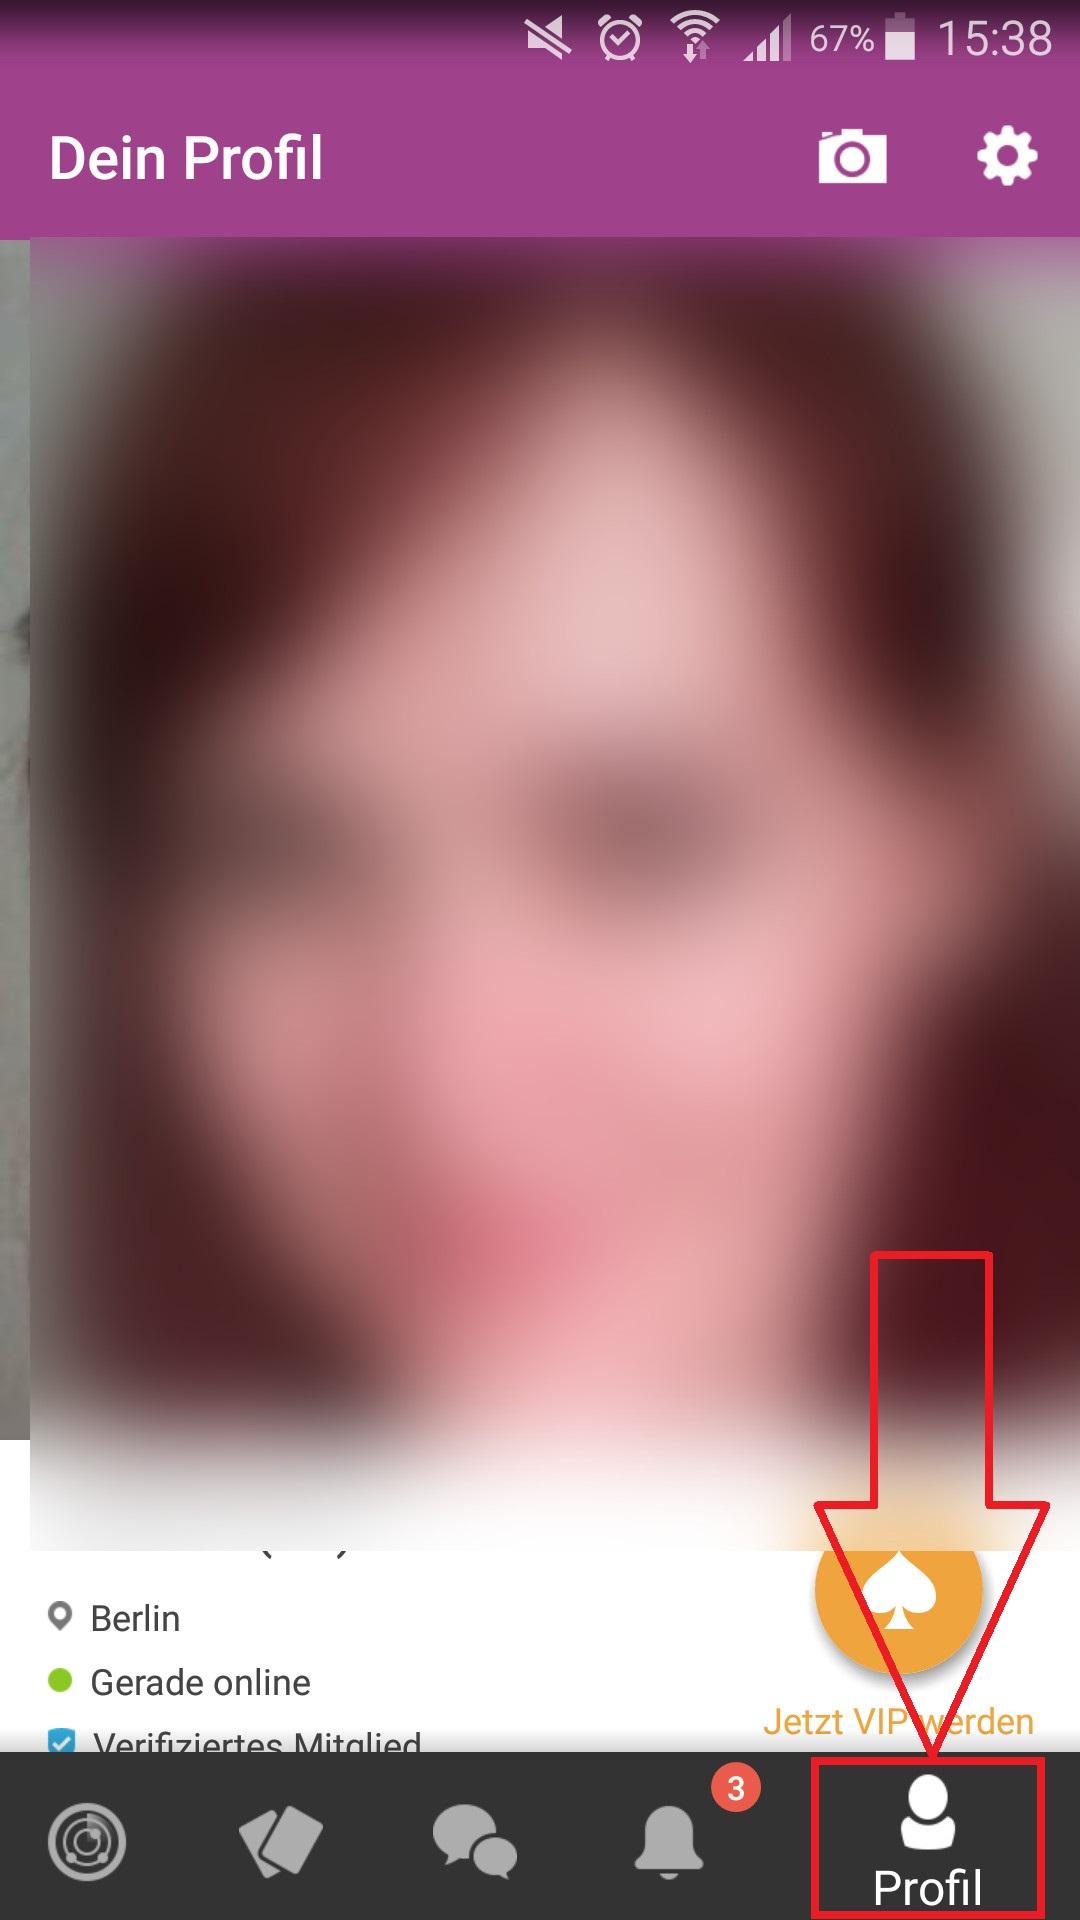 wie man ein gutes Profilbild für Leute macht